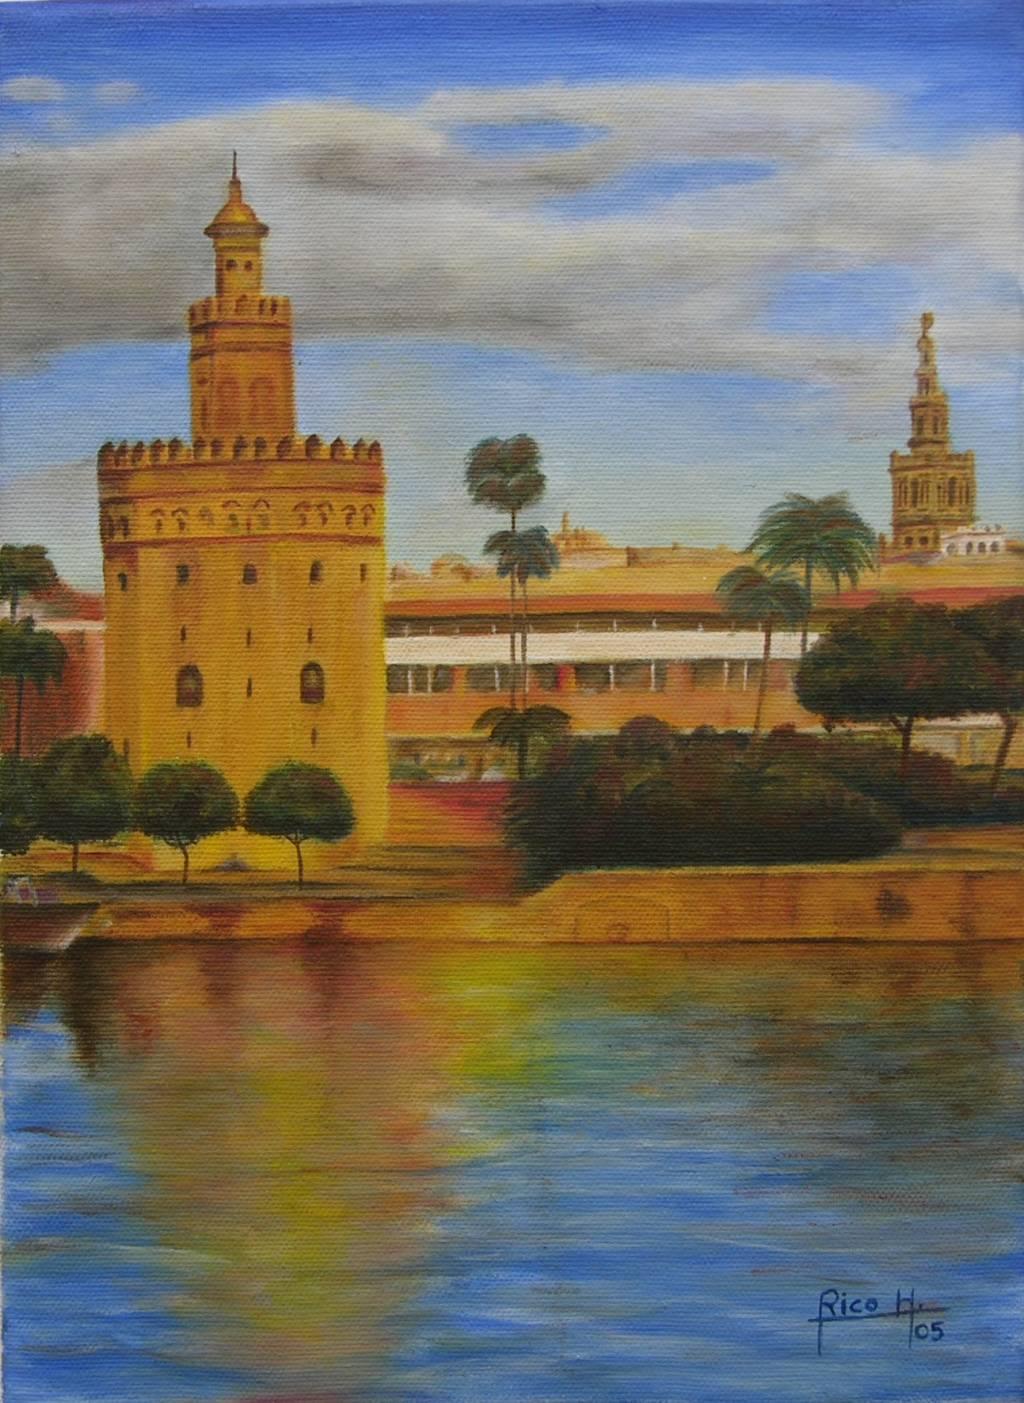 Torre del oro sevilla benito rico hidalgo for Todo pintura sevilla